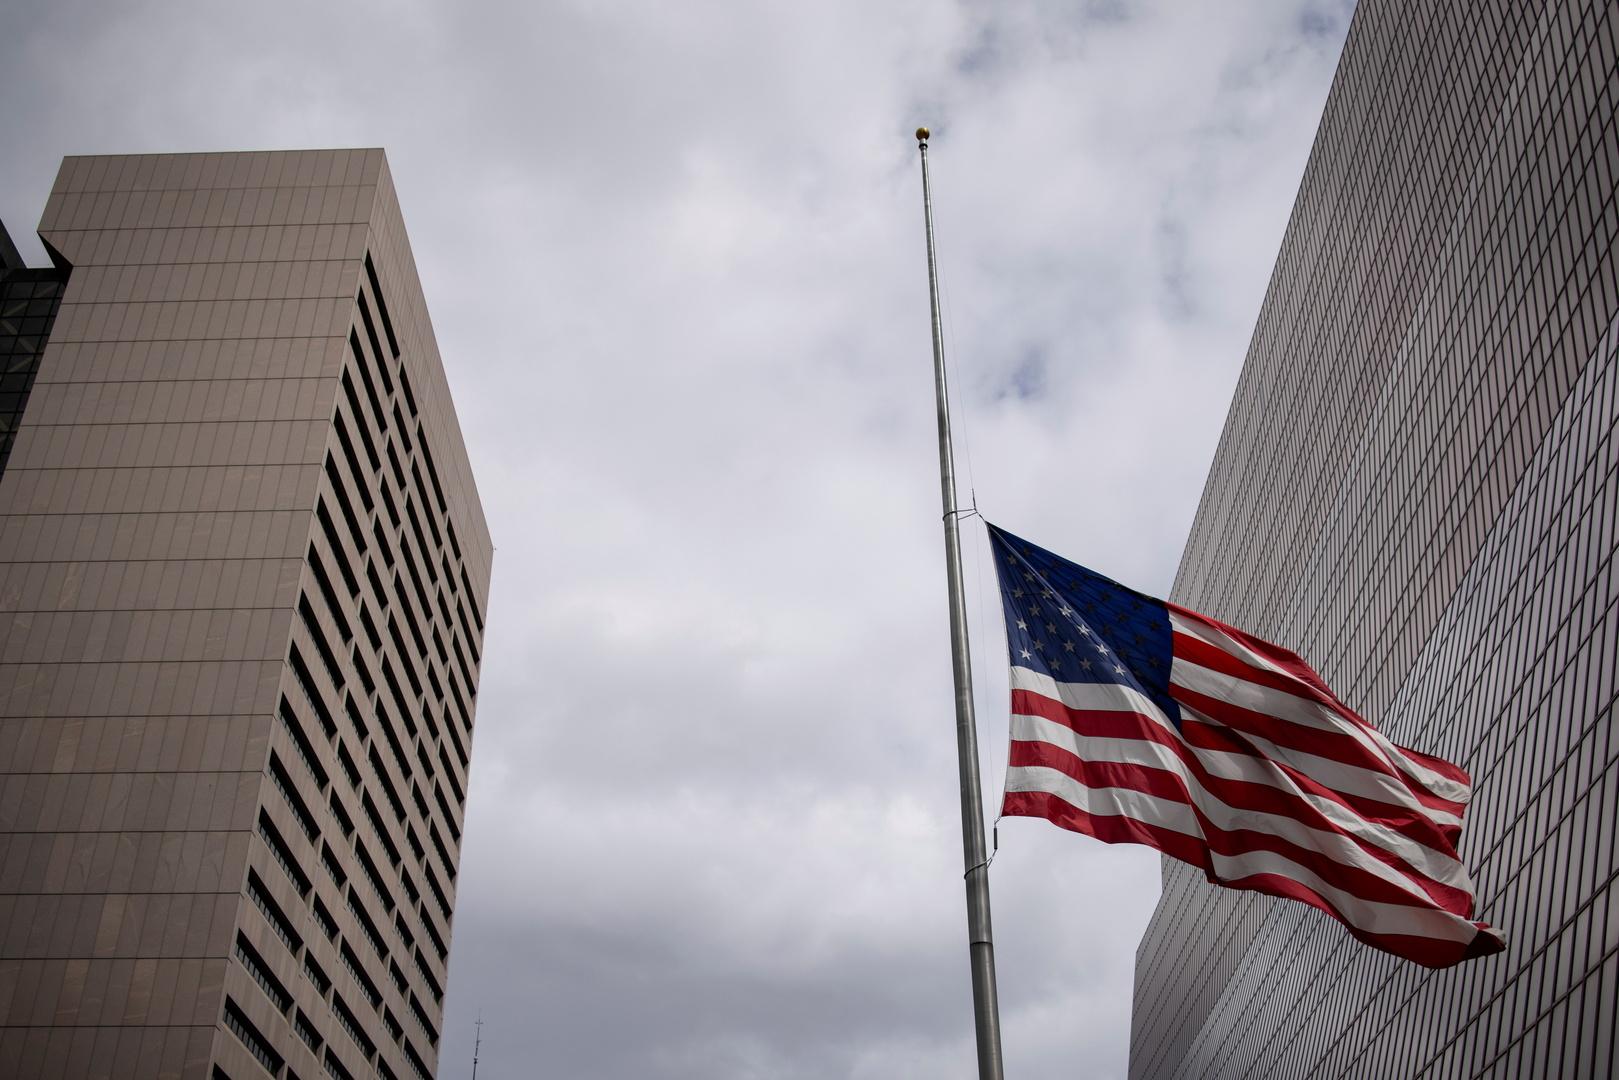 غرفة التجارة الأمريكية تحذر من تعثر اقتصاد الهند بسبب ارتفاع إصابات كورونا فيها